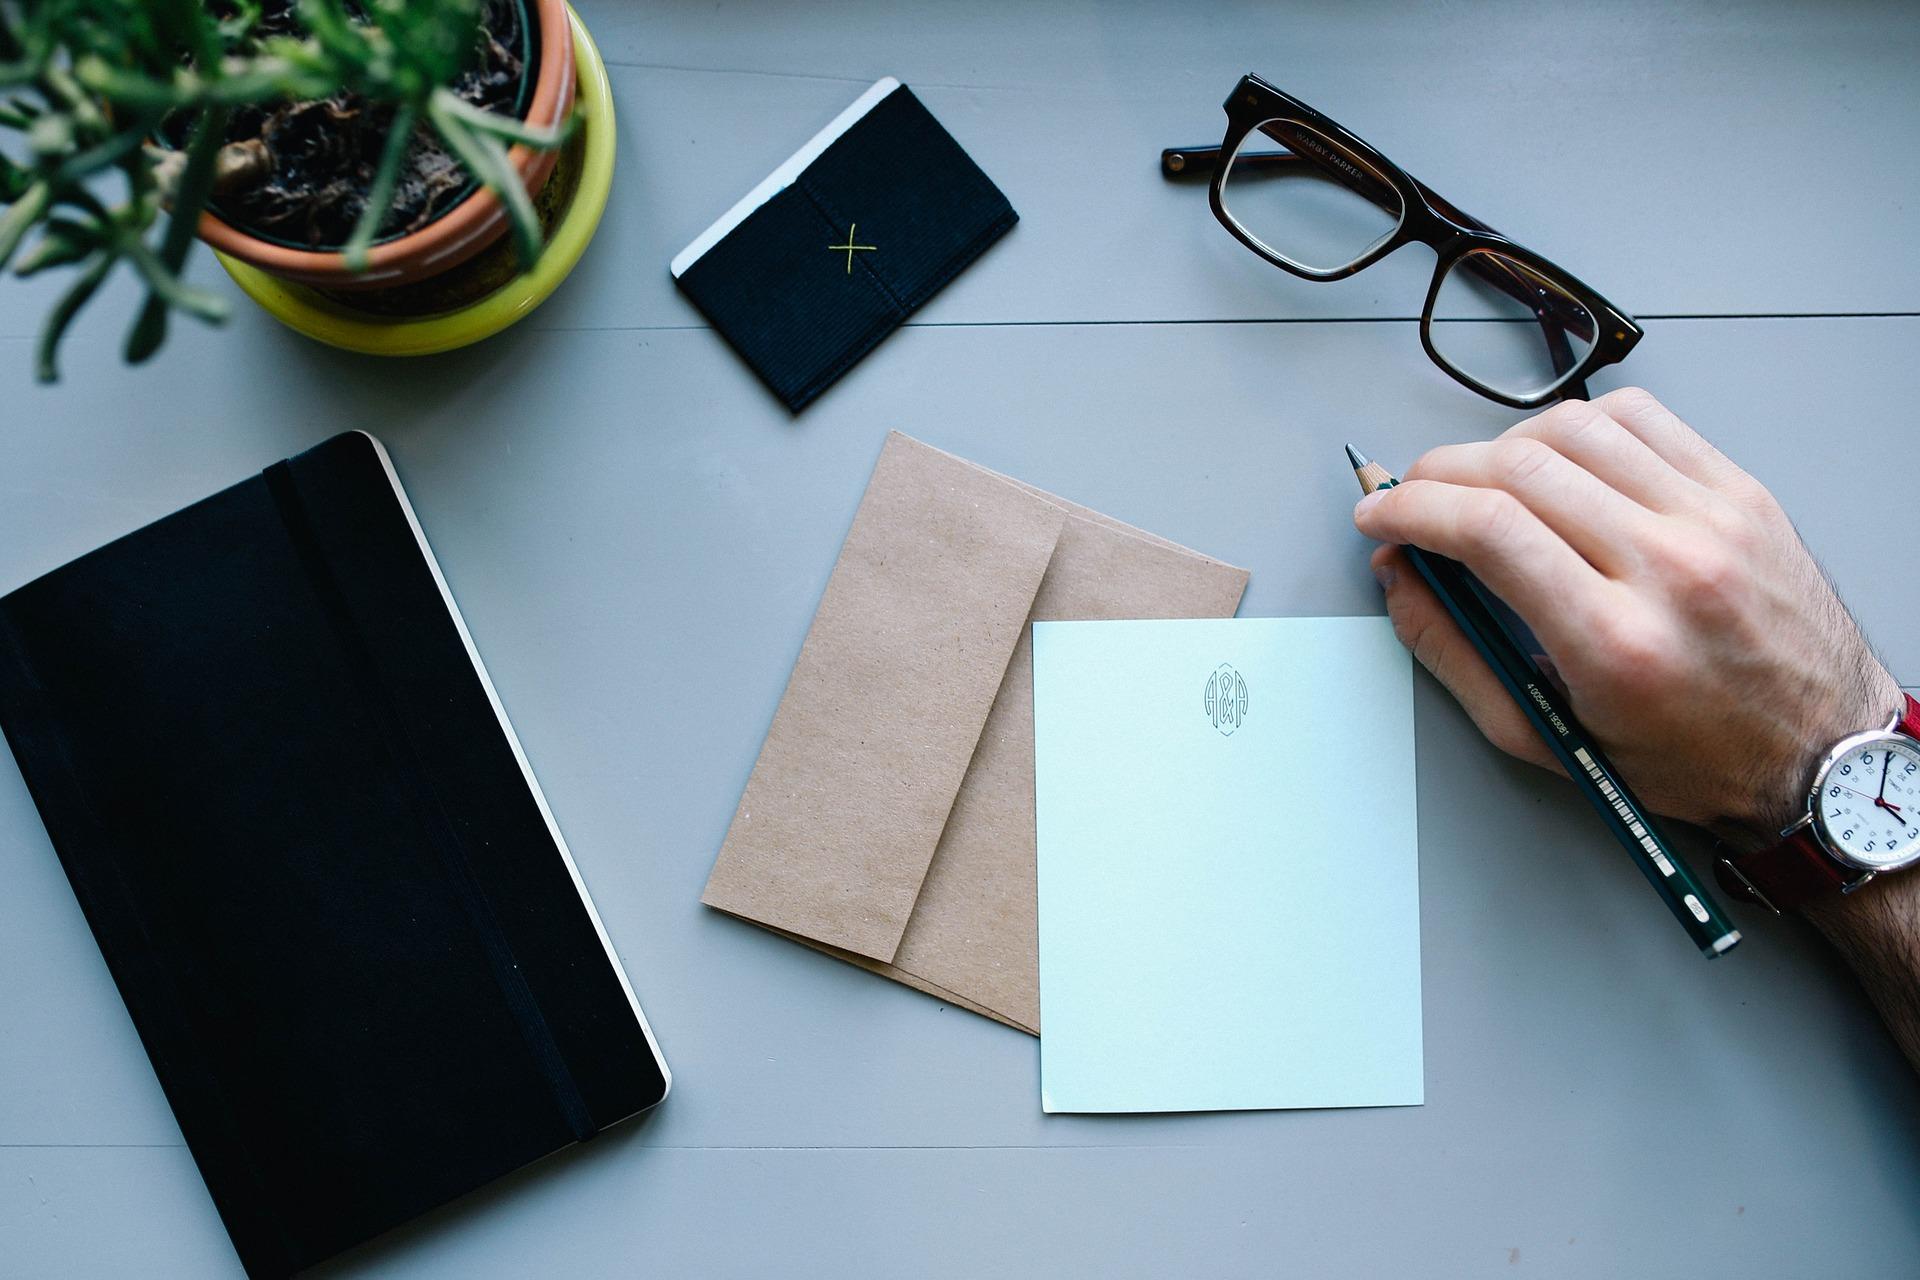 「学業で力を入れたこと」の書き方!面接や履歴書で使える例もチェック!